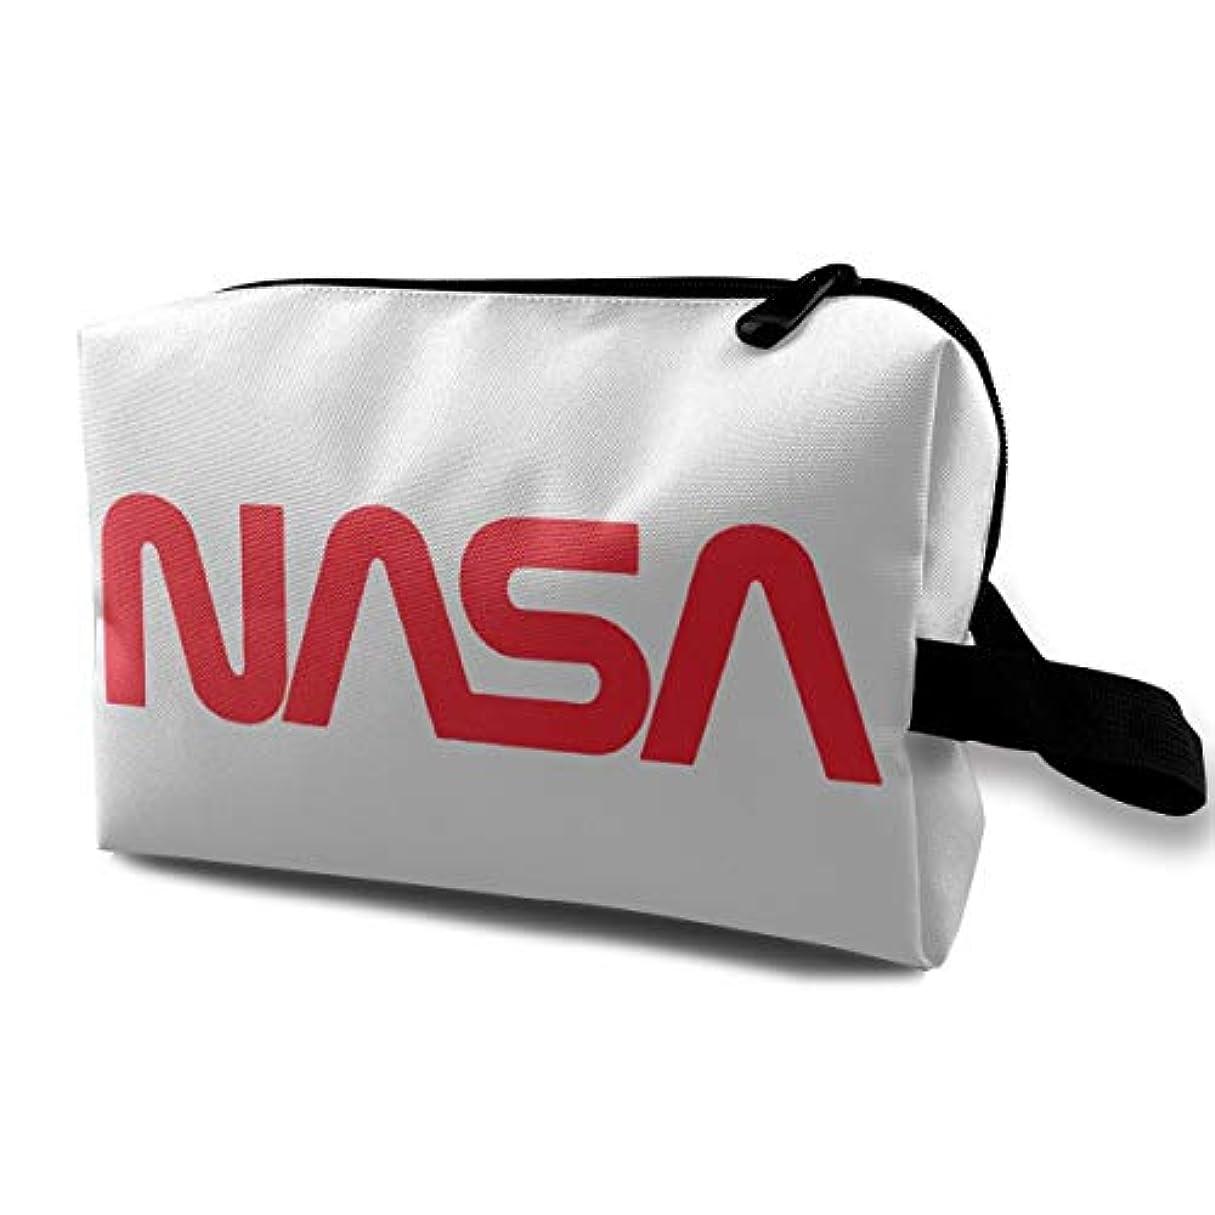 愛されし者スカートラインDSB 化粧ポーチ コンパクト メイクポーチ 化粧バッグ NASA 航空 宇宙 化粧品 収納バッグ コスメポーチ メイクブラシバッグ 旅行用 大容量